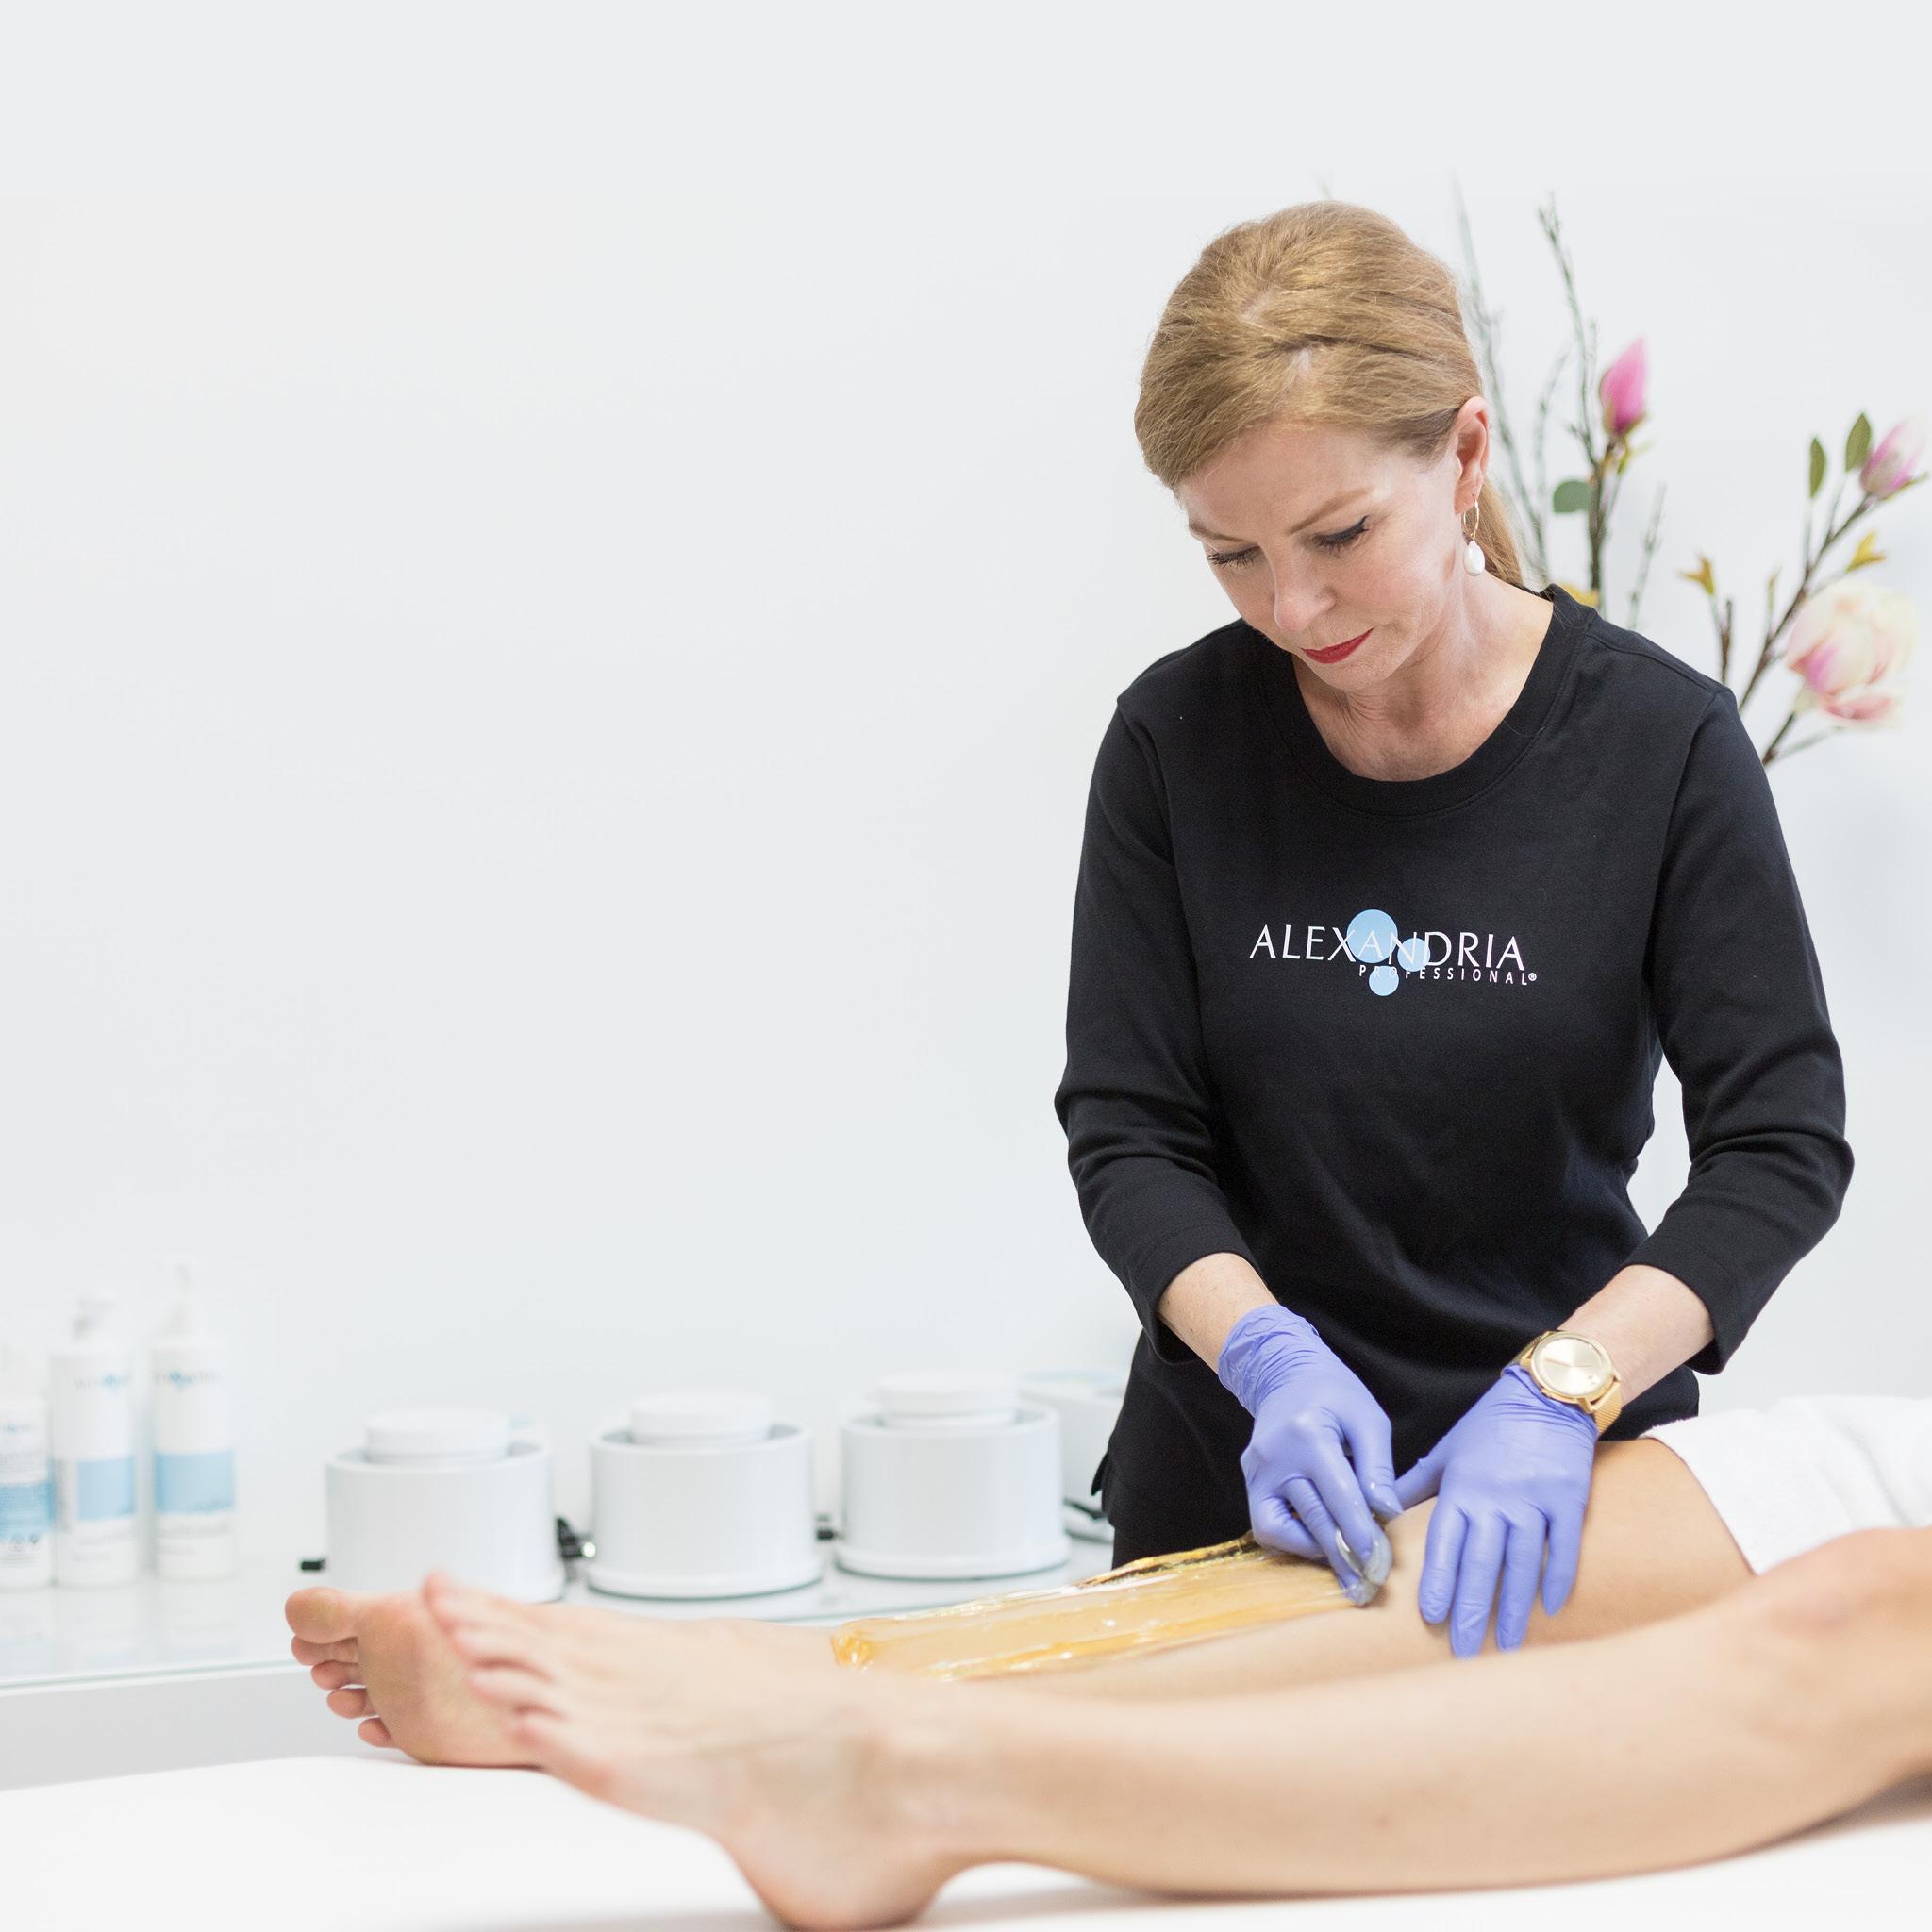 Konzultační den - zdokonalení a vylepšení epilační techniky - Alexandria Professional®